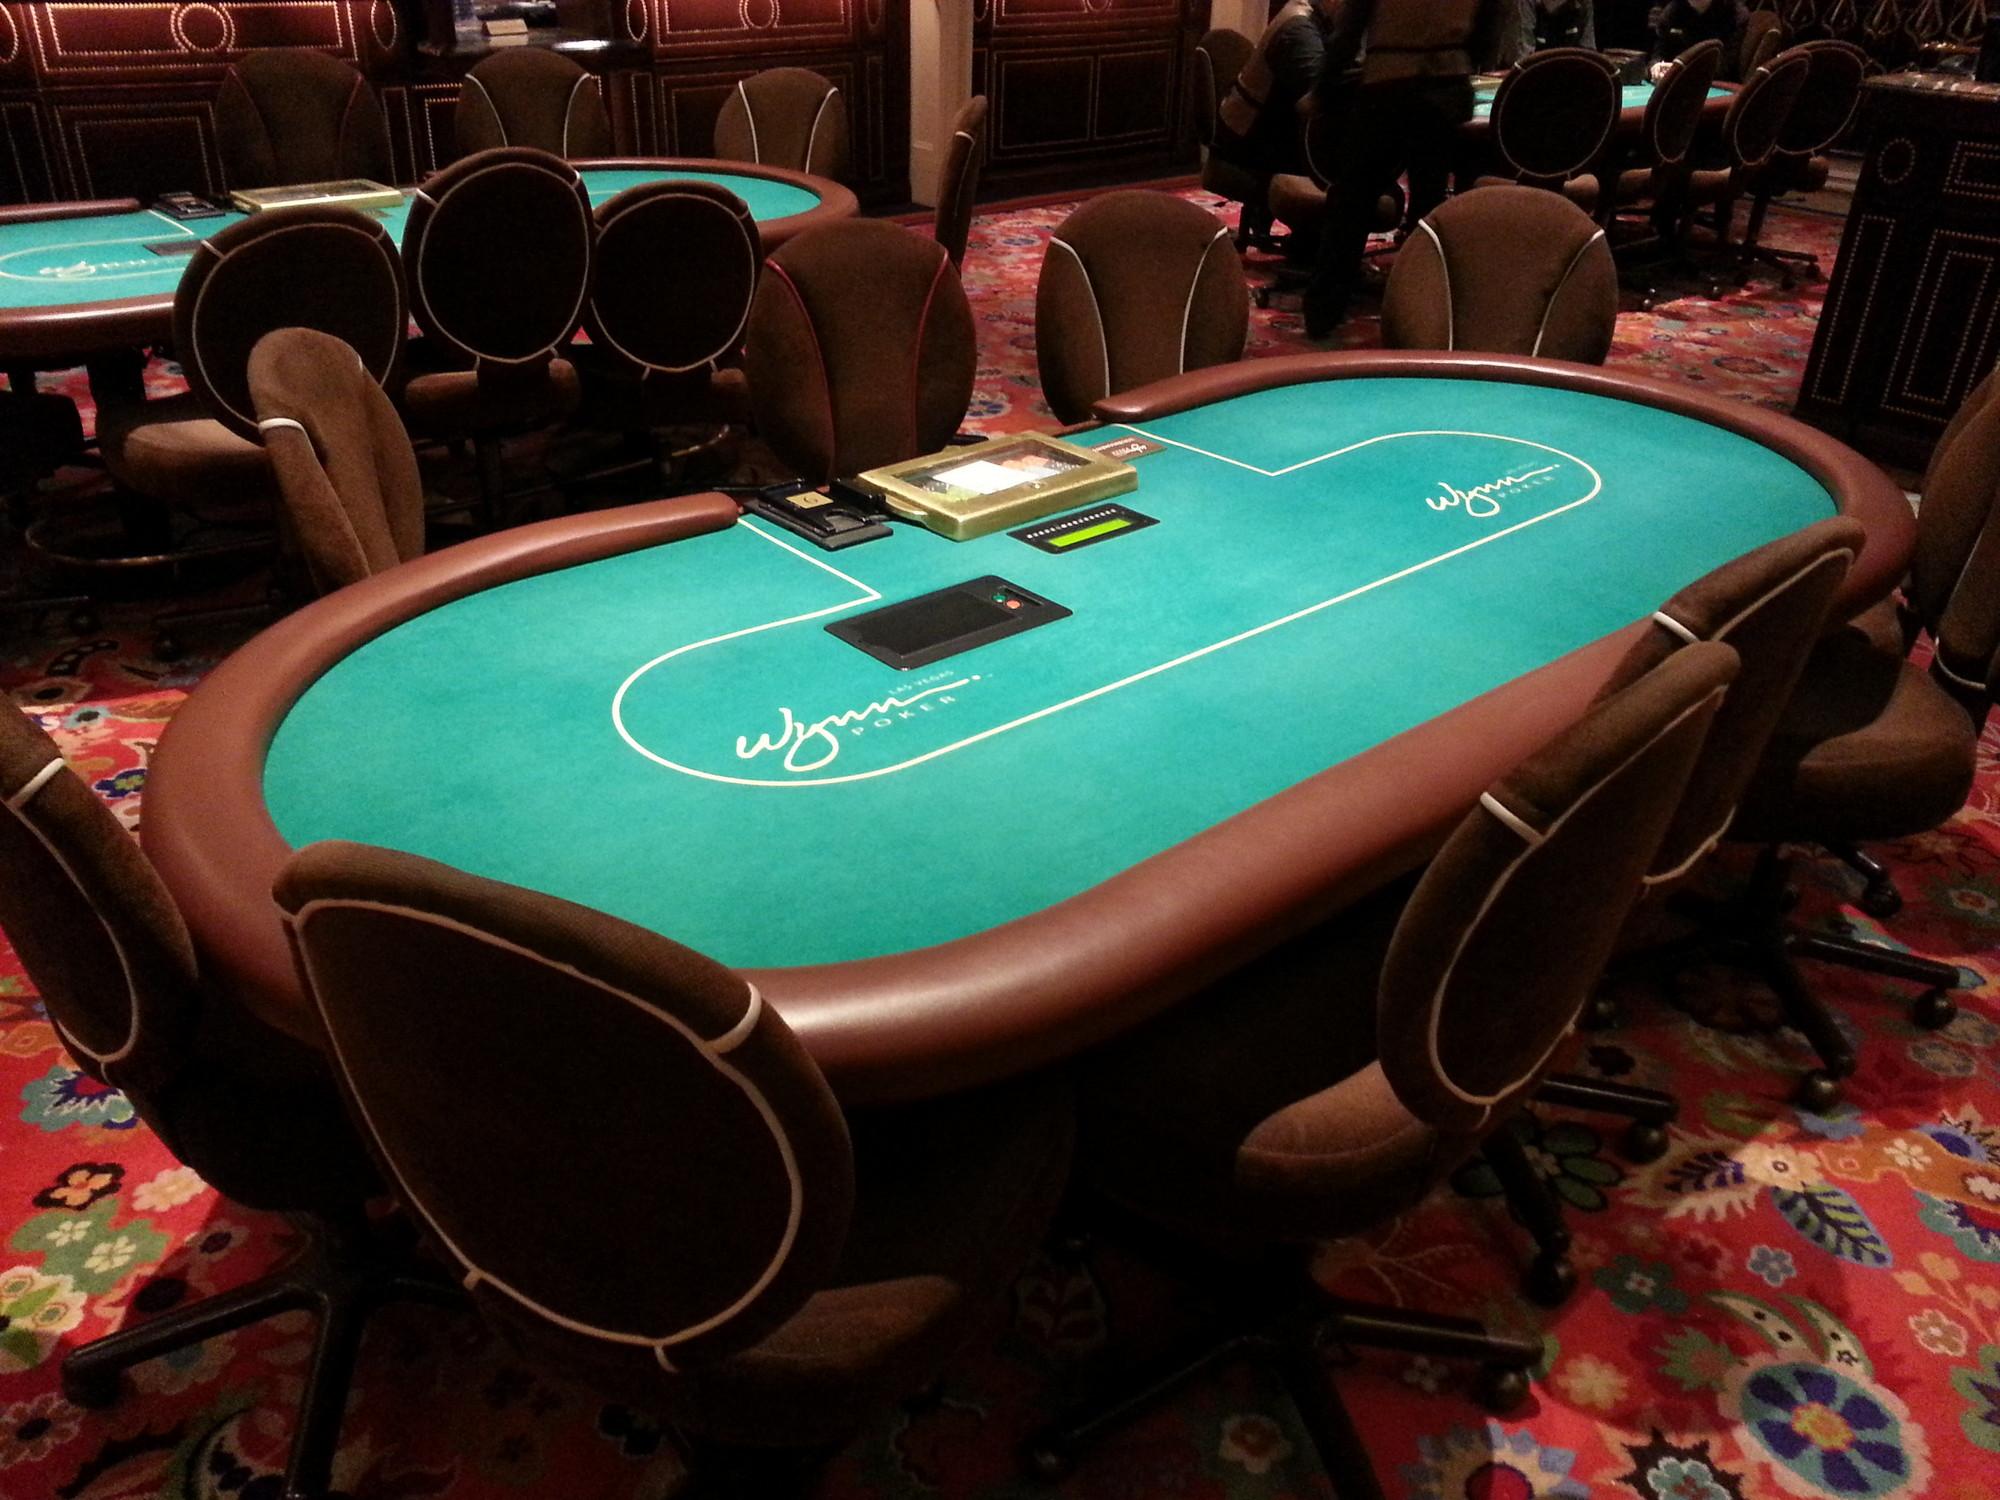 Ткань на столах в казино как разблокировать меню на тюнере голден интерстар